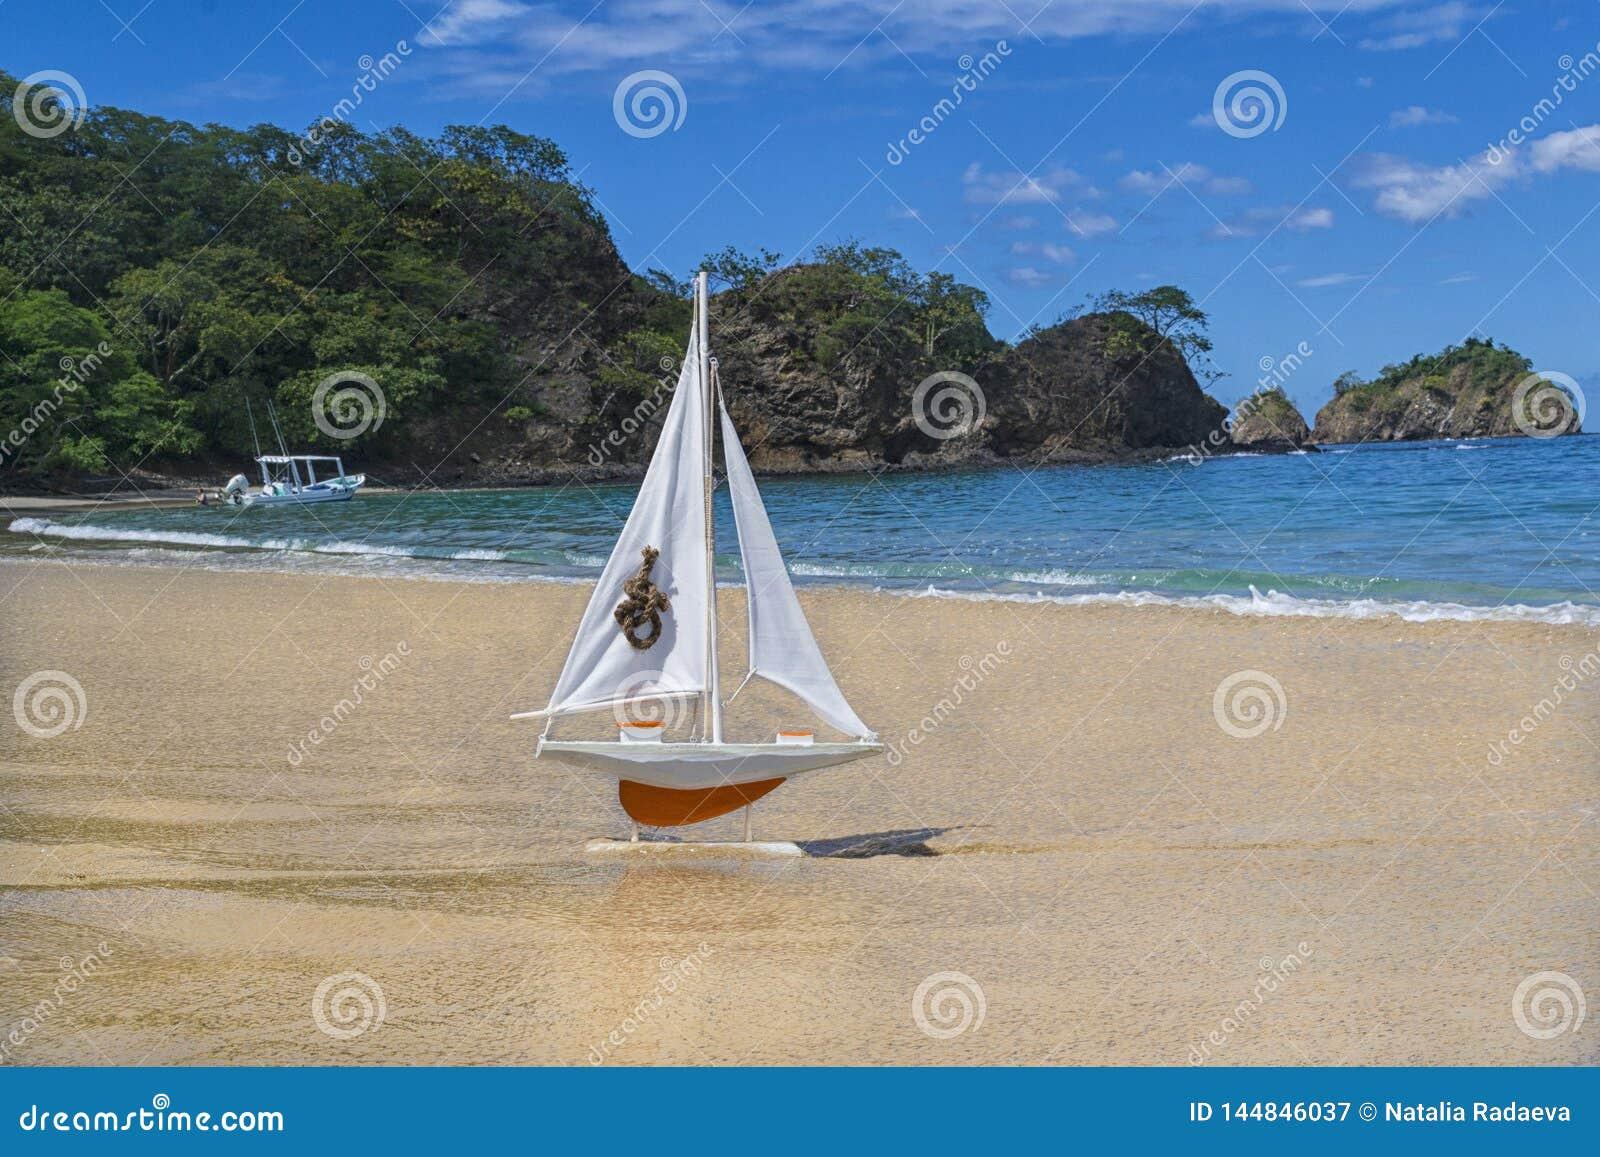 Stuk speelgoed oranje schipzeilen om avonturen op een mooi strand te ontmoeten